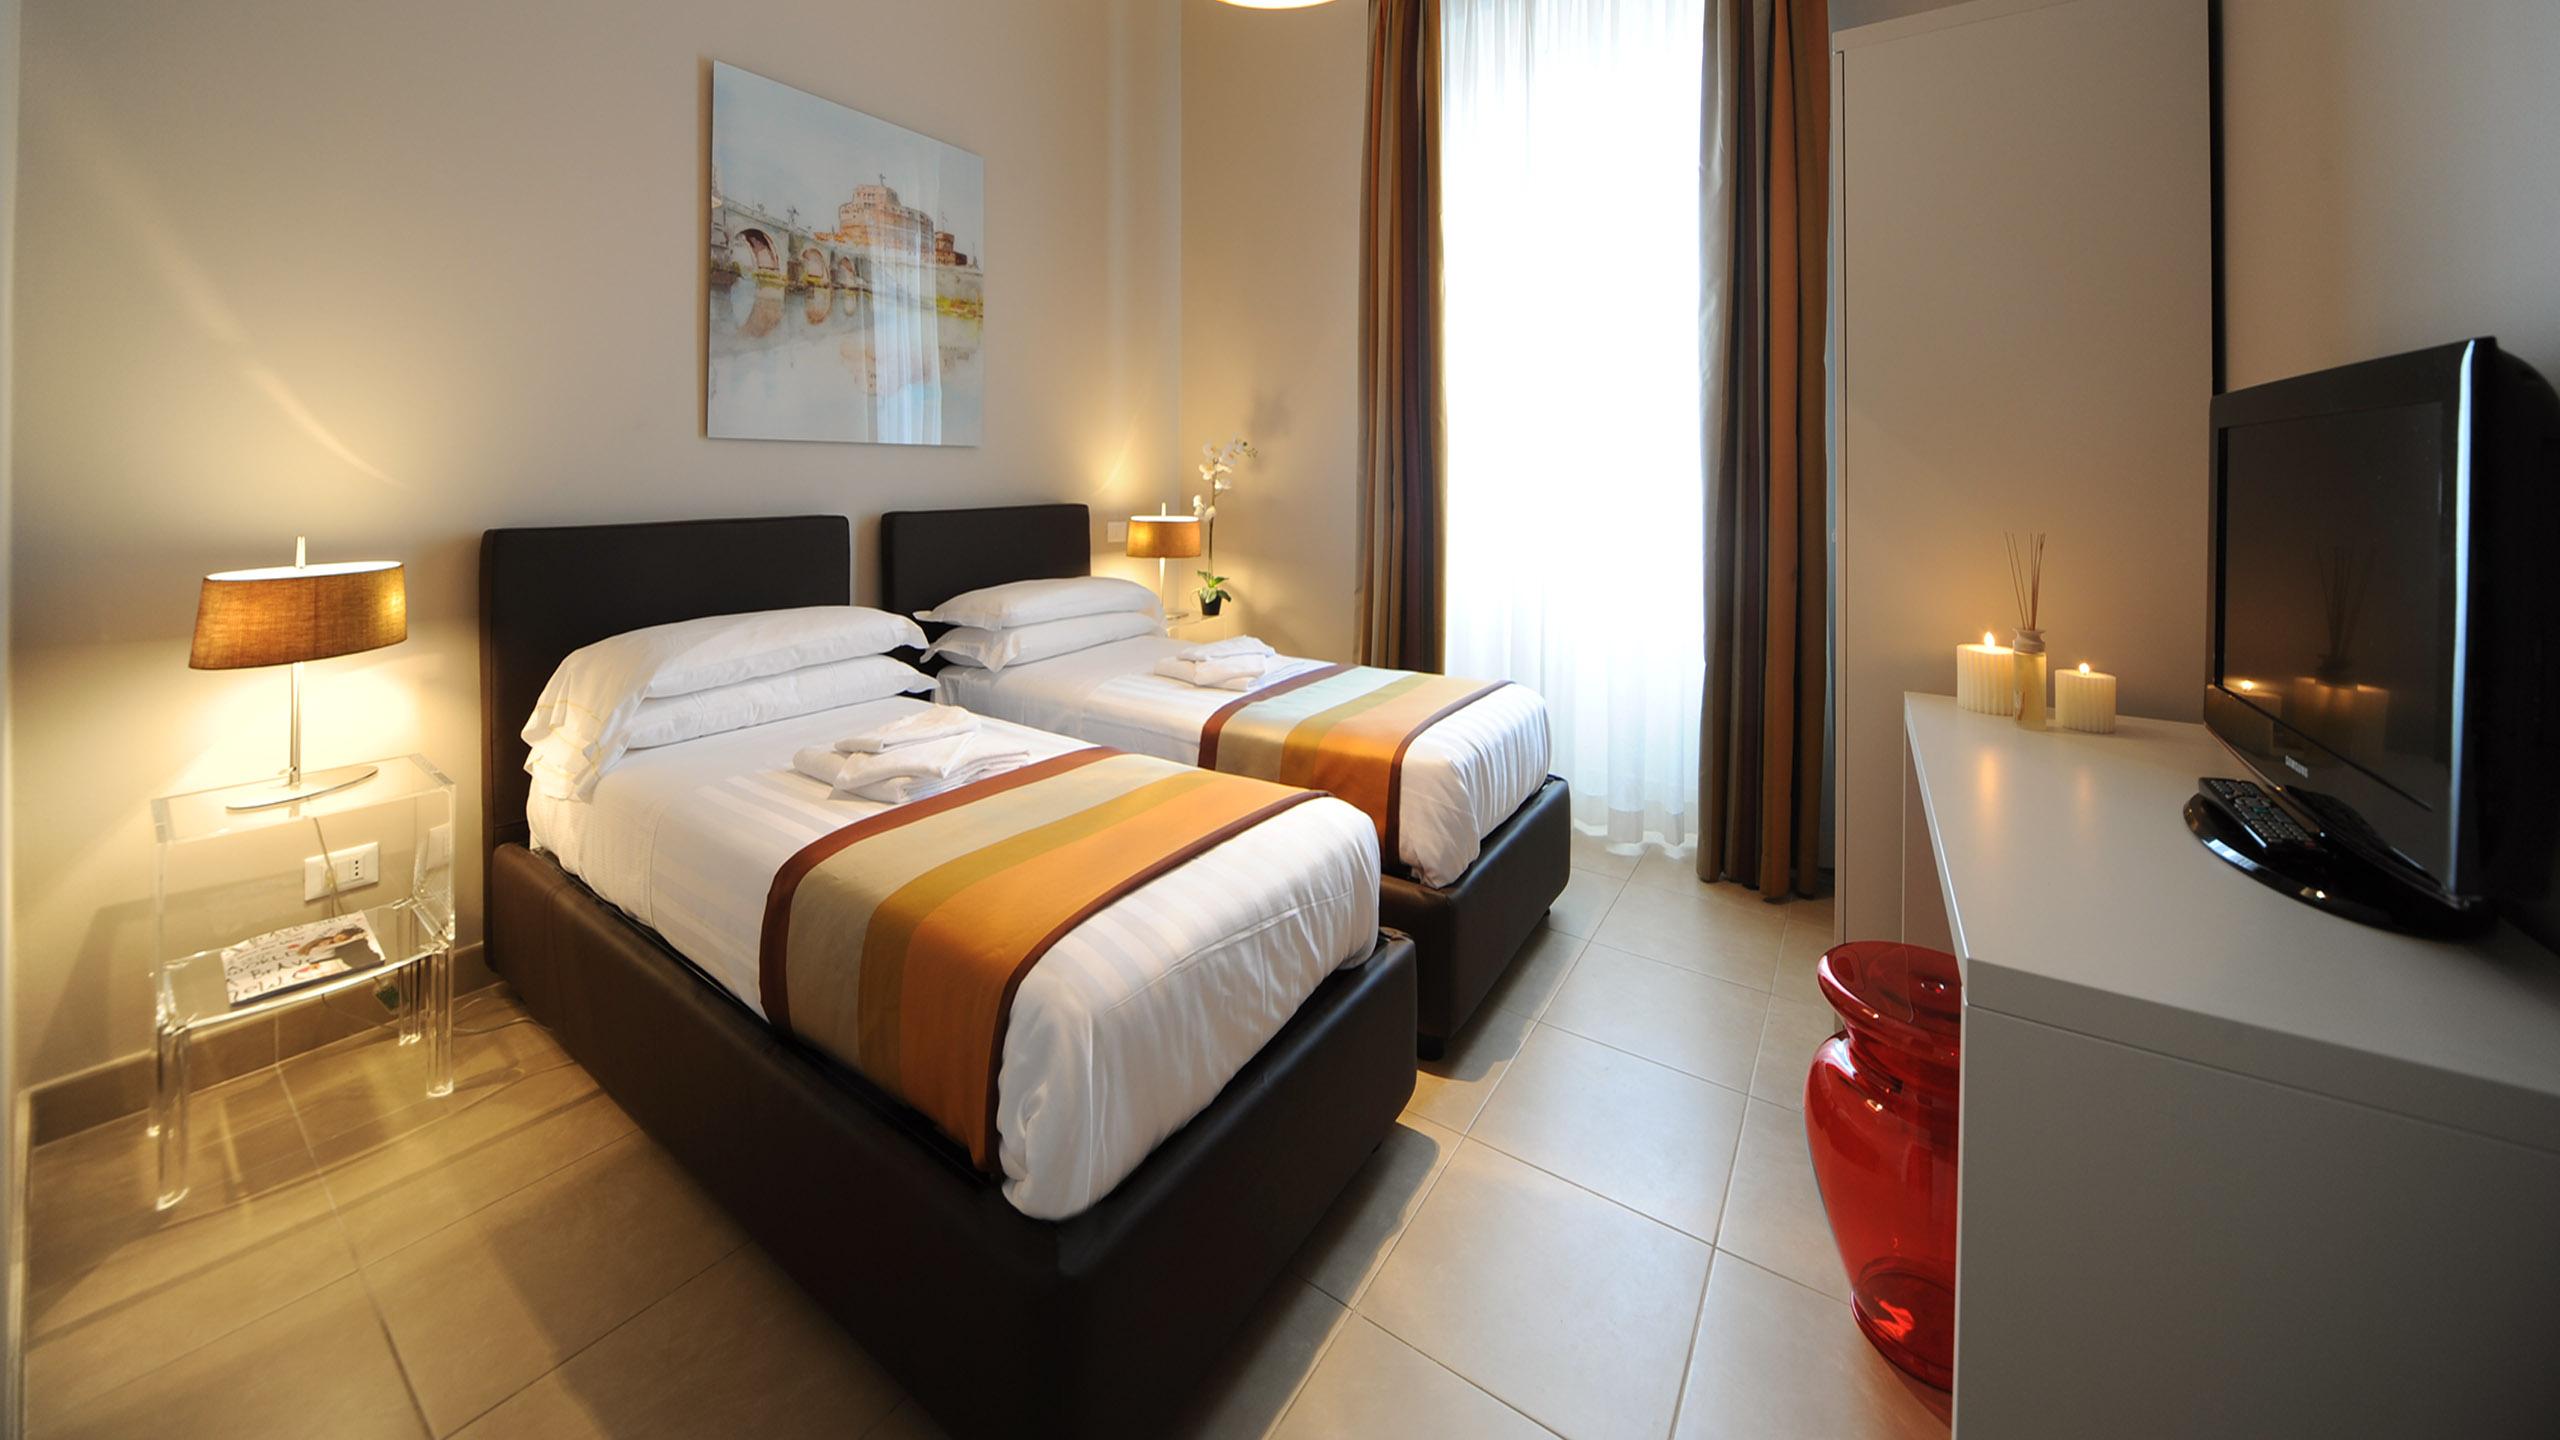 Residence-Trianon-Borgo-Pio-Roma-appartamento-due-stanze-2020-letto